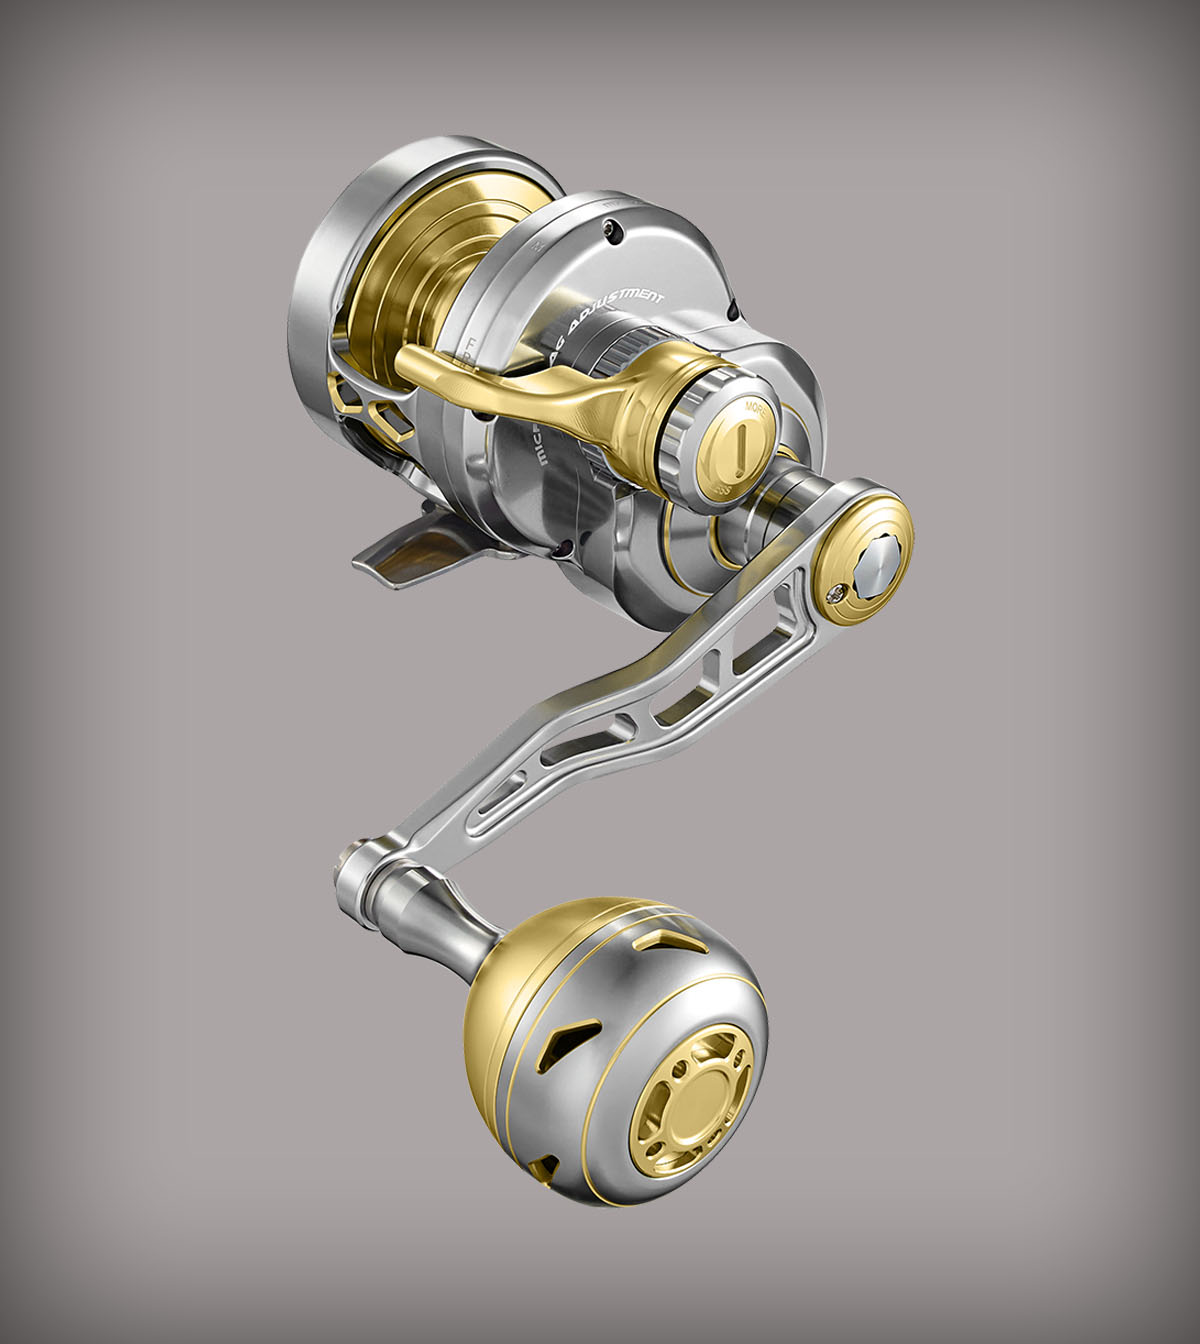 R25系列近海慢摇铁板鼓轮